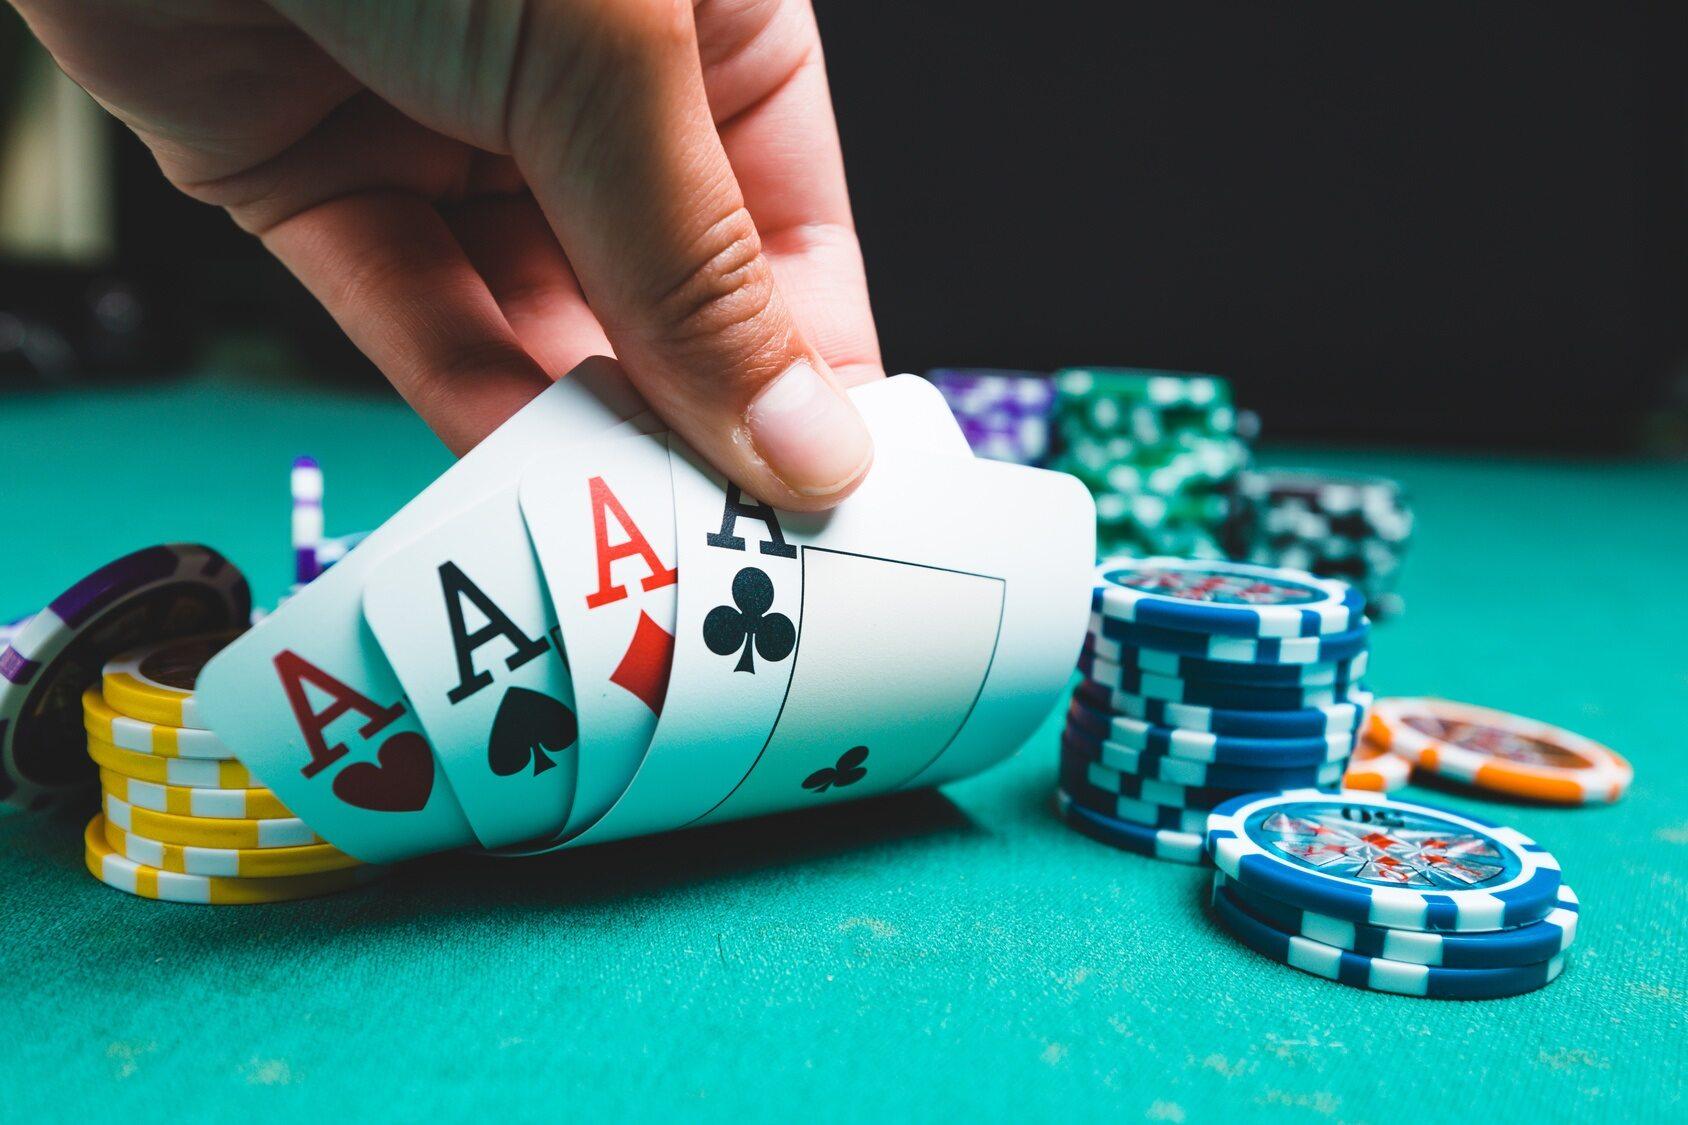 Nowe zasady hazardu w Wielkiej Brytanii